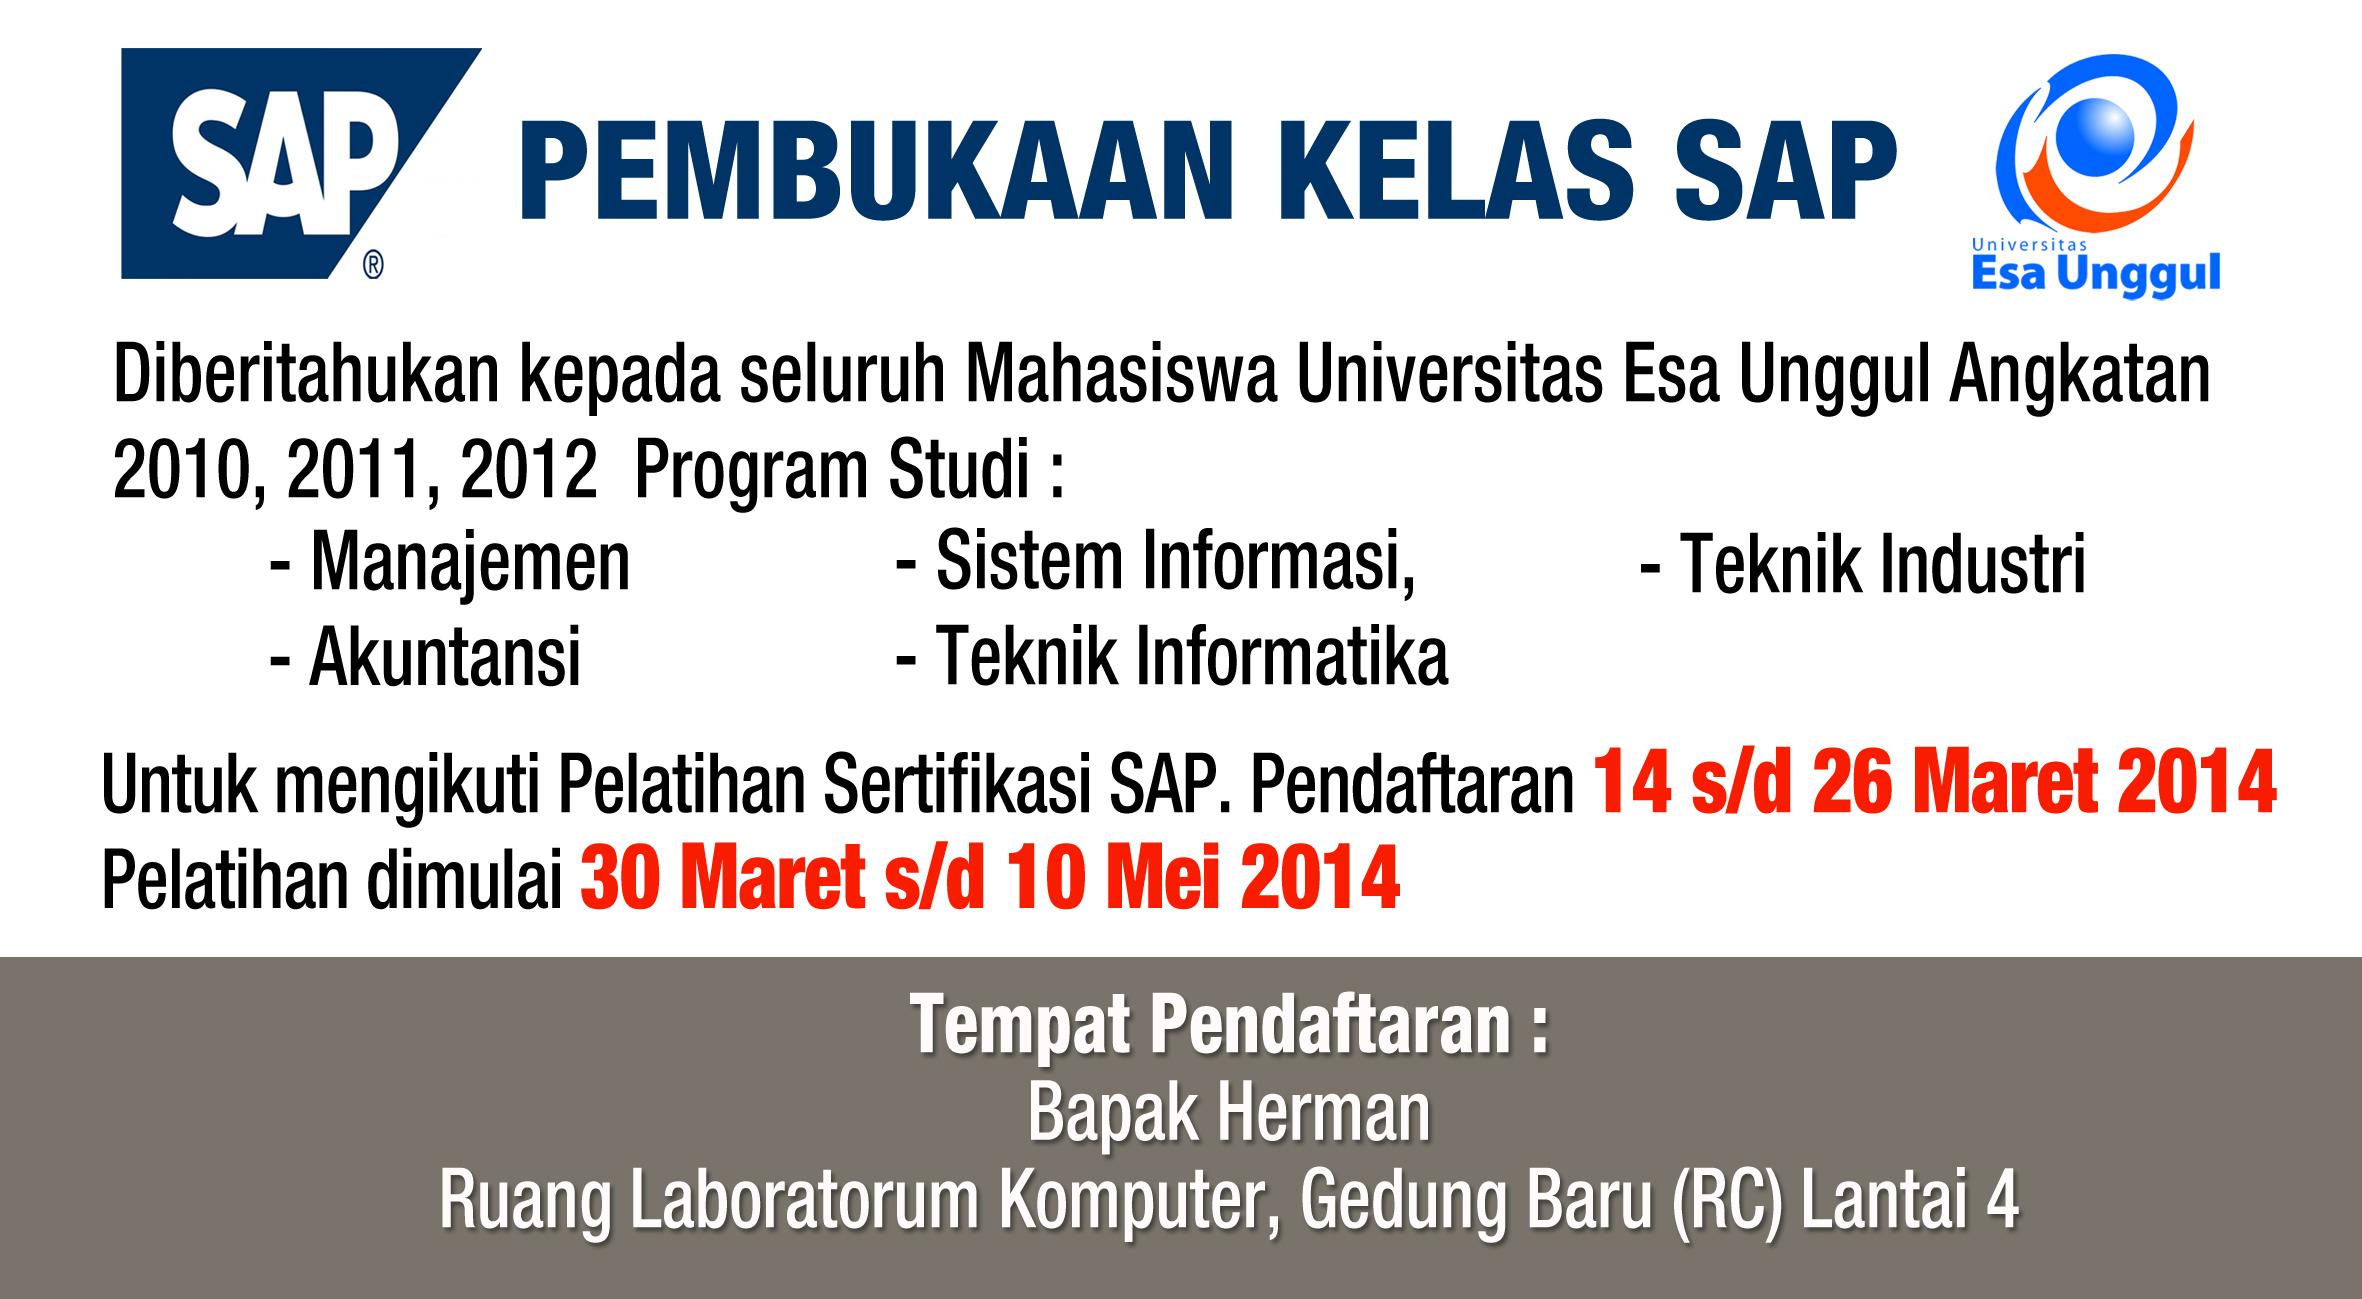 Pelatihan Sertifikasi SAP bagi Mahasiswa Angkatan 2010, 2011, 2012 Tahun Akademik 2013/2014